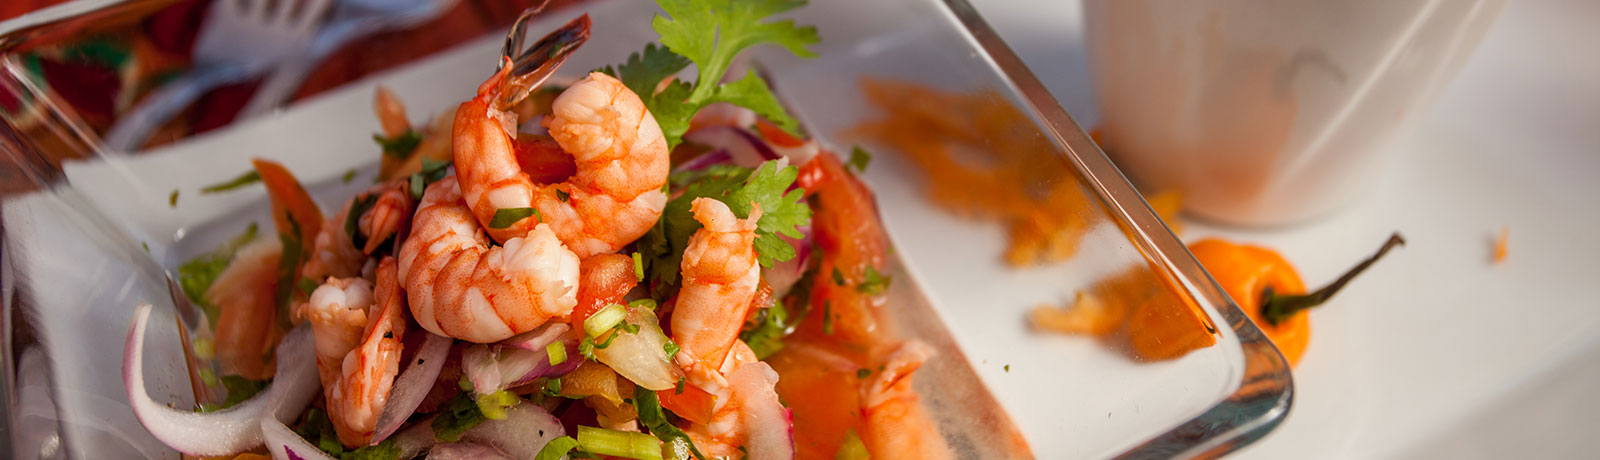 Fine Dining in Belize at X'tan Ha Resort